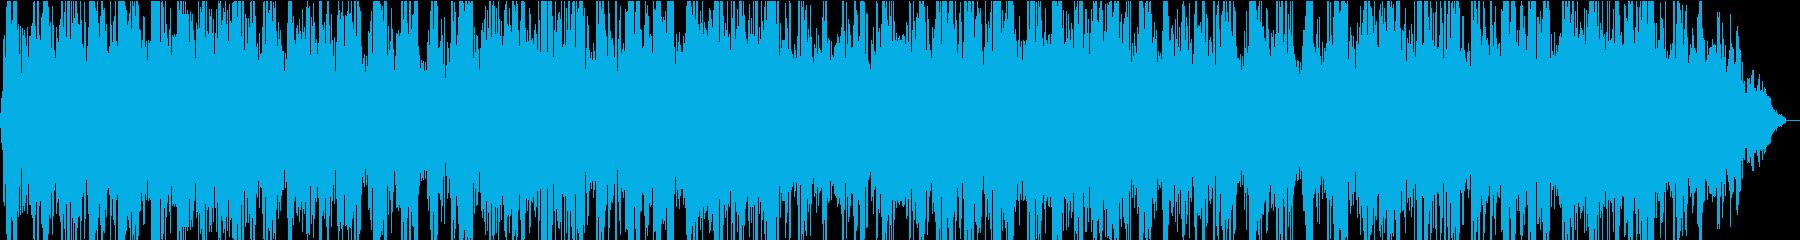 魔法詠唱中、もしくは召喚中の再生済みの波形